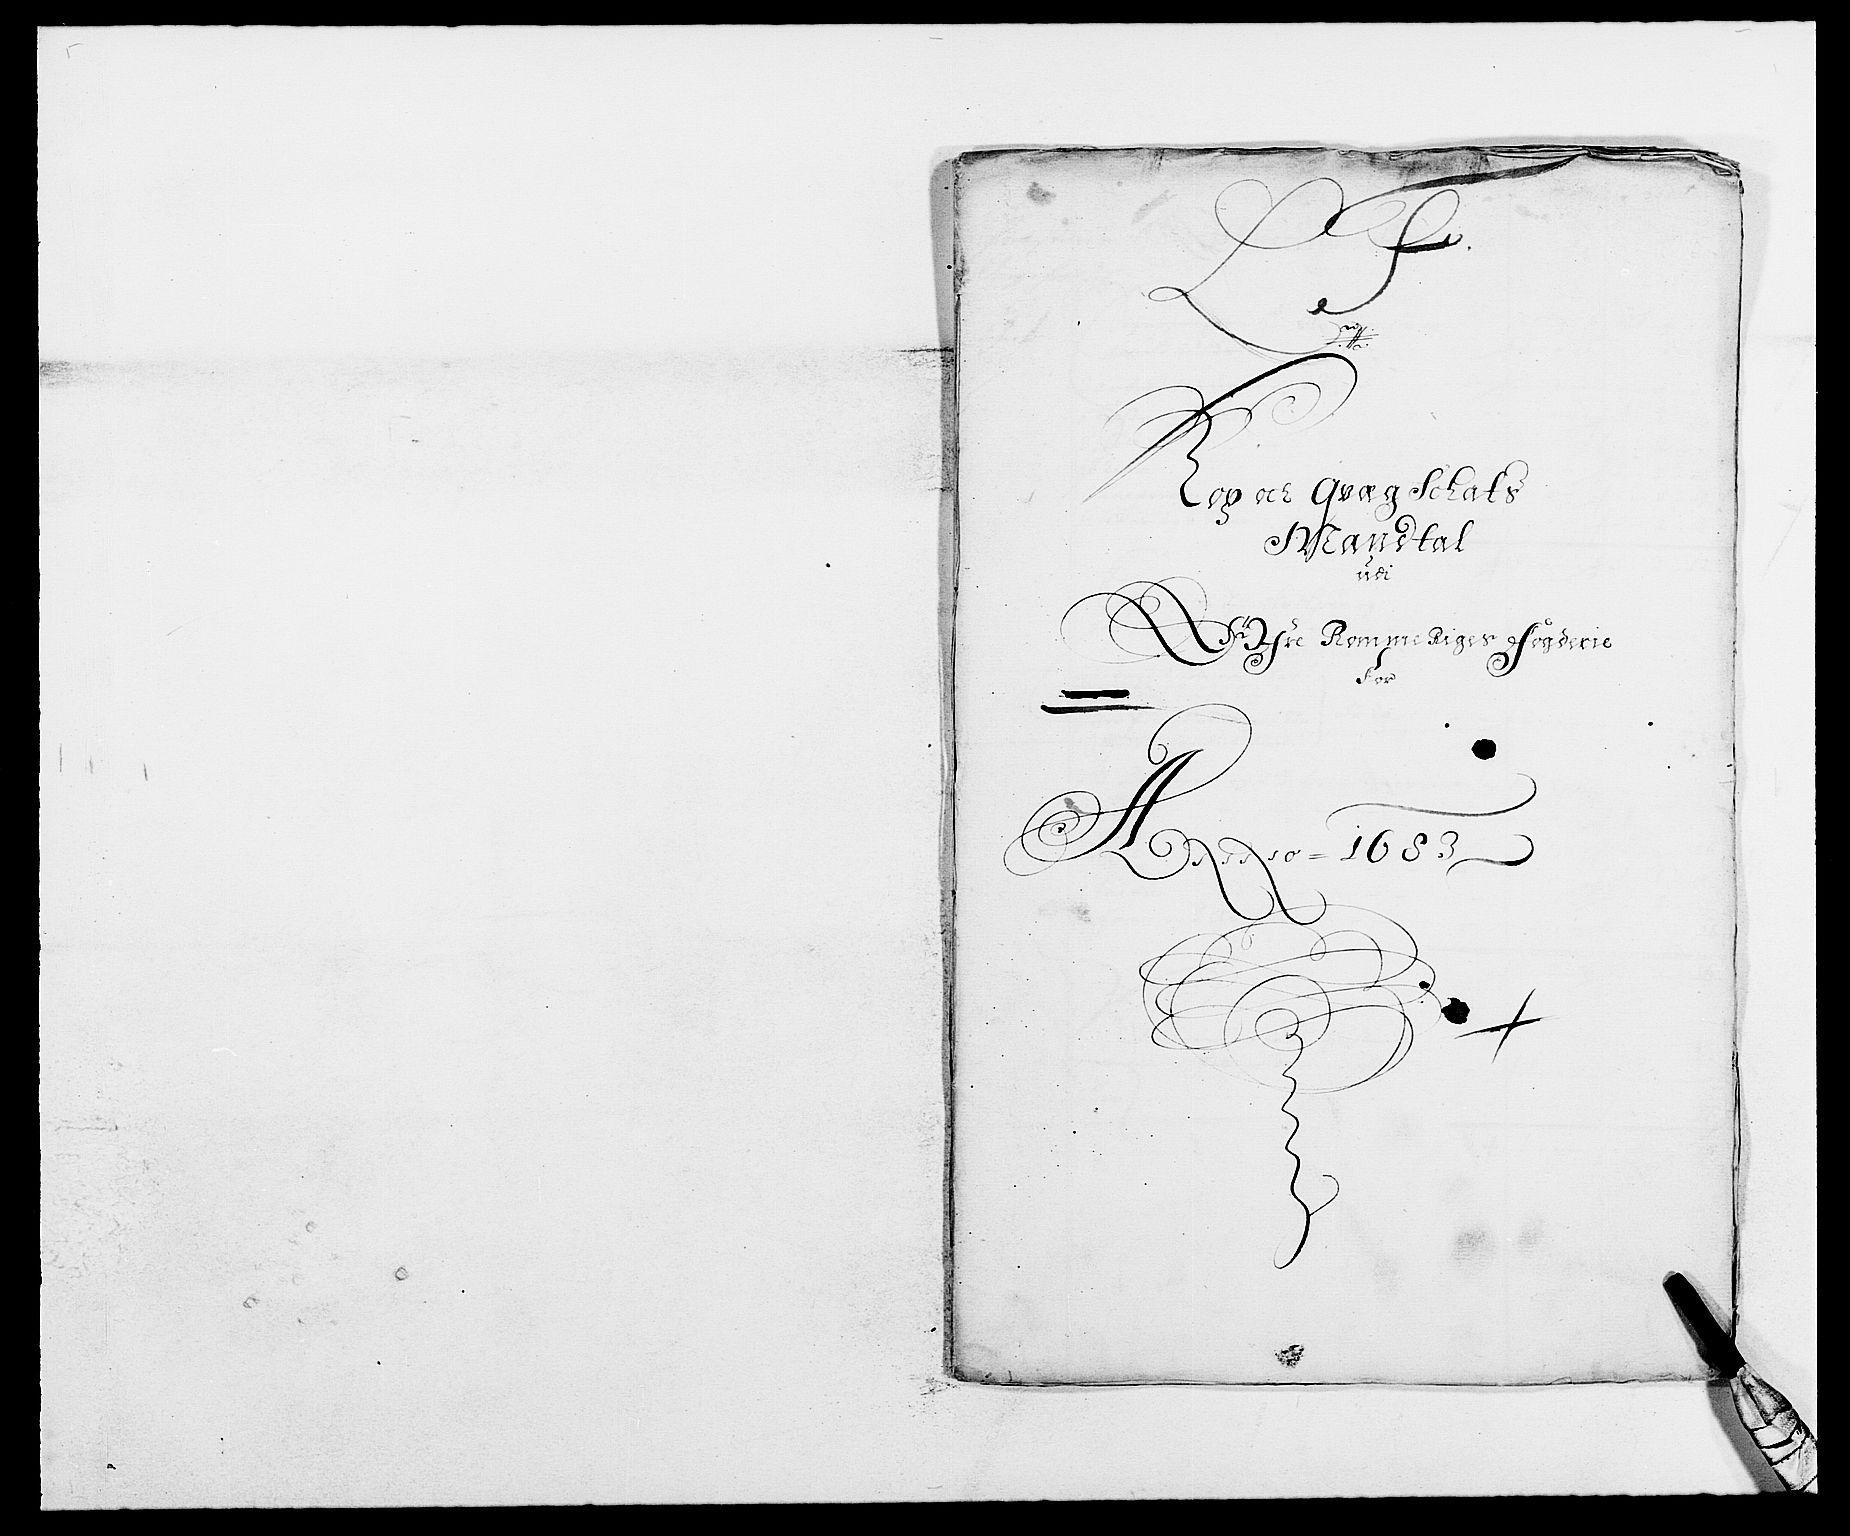 RA, Rentekammeret inntil 1814, Reviderte regnskaper, Fogderegnskap, R12/L0697: Fogderegnskap Øvre Romerike, 1682-1683, s. 332